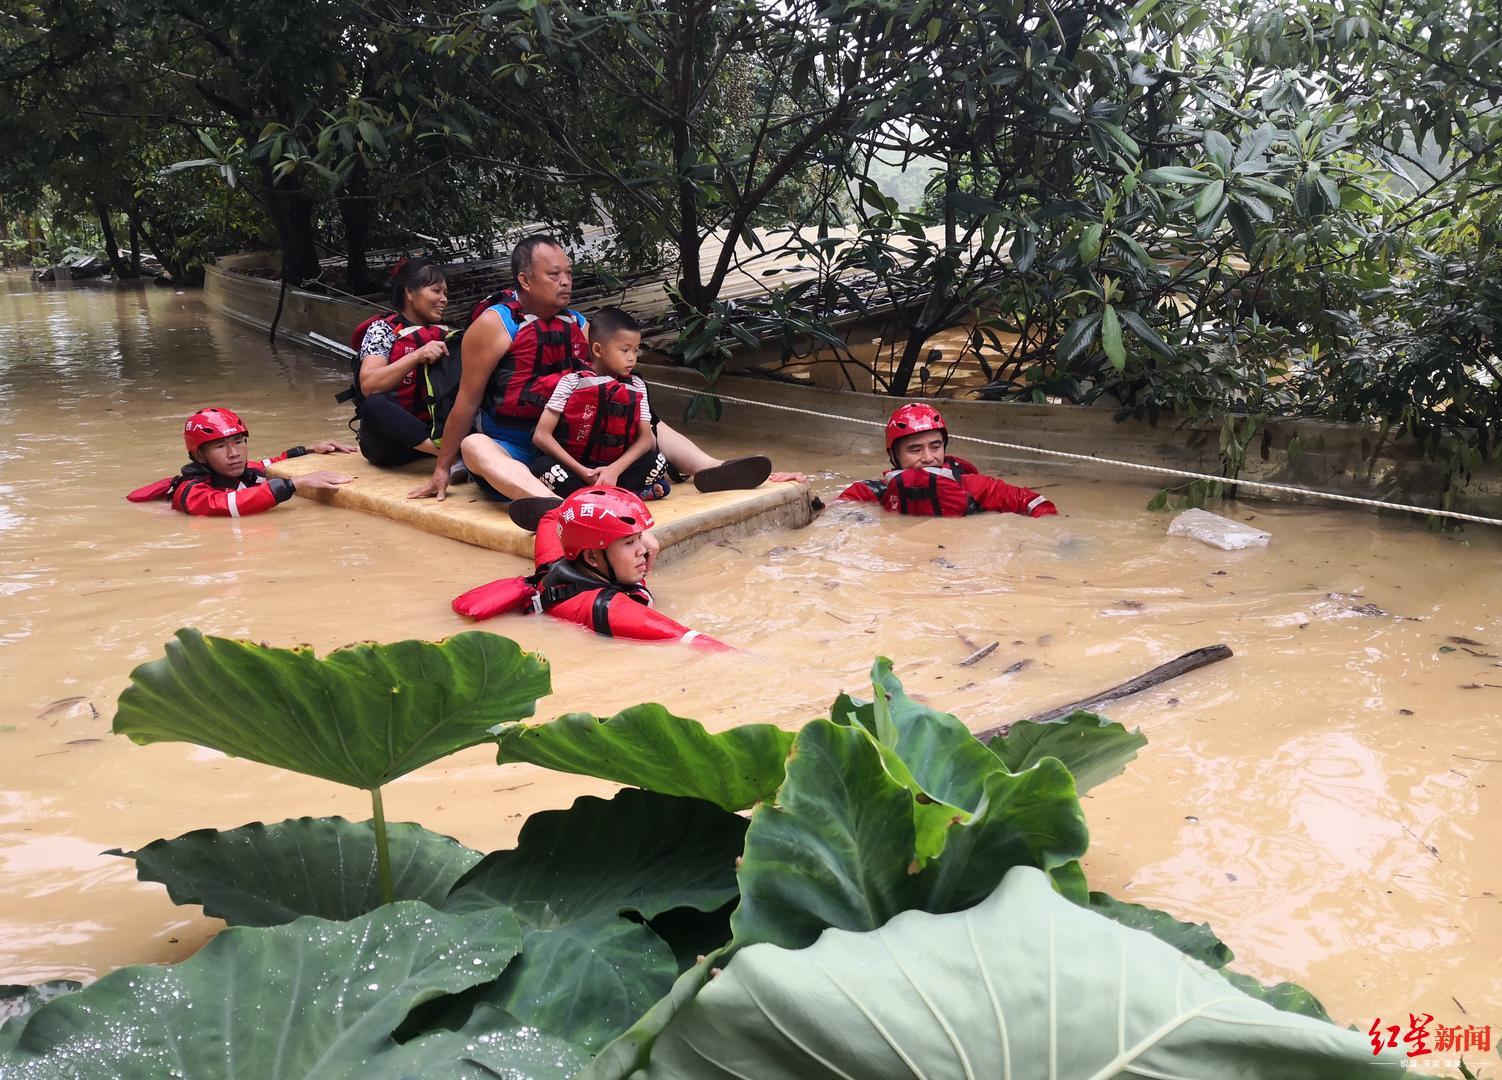 应急管理部:柳江、桂江、湘江等江河可能发生超警洪水